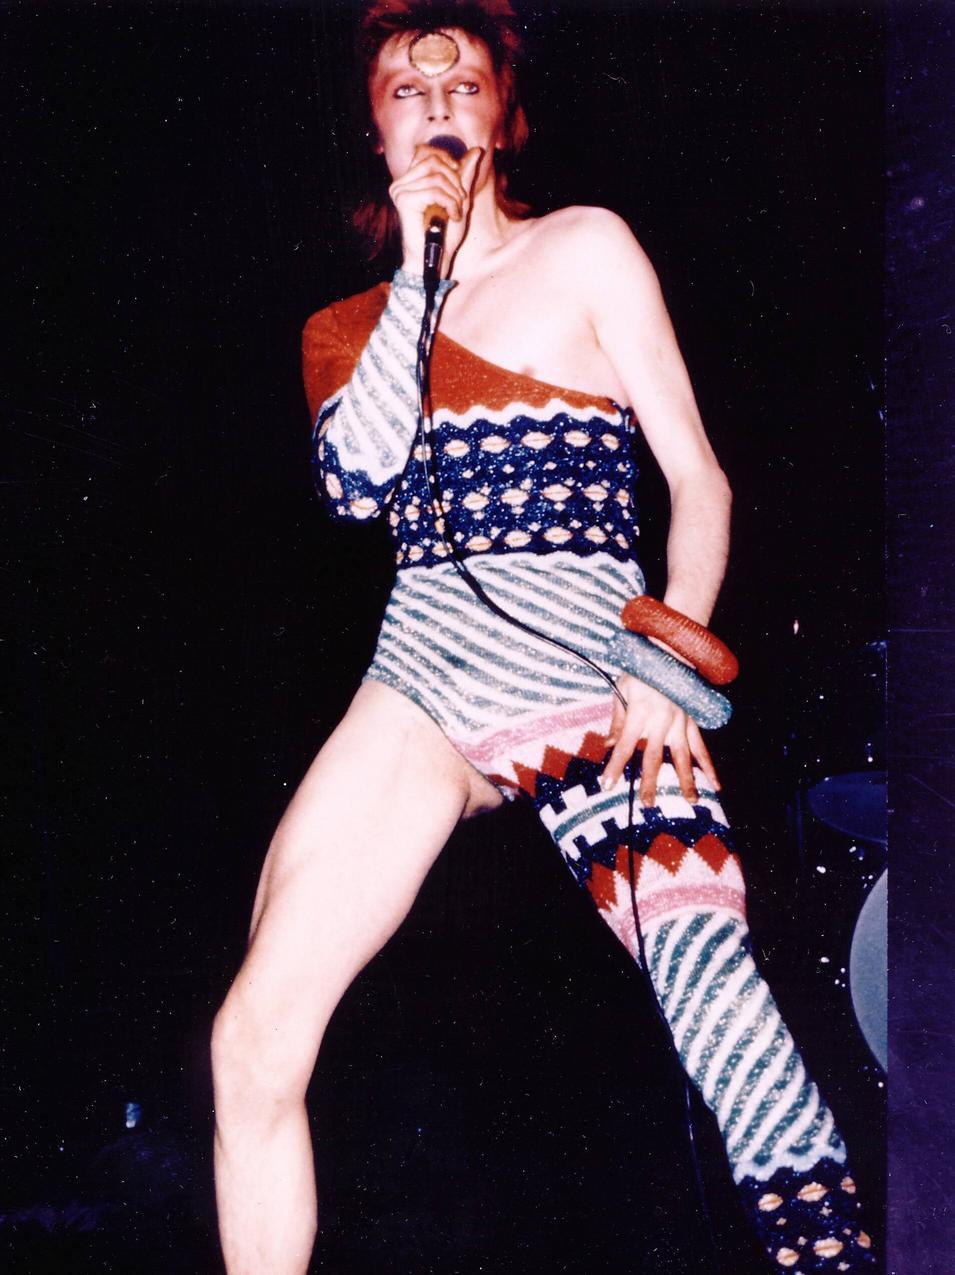 David Bowie jako Ziggy Stardust